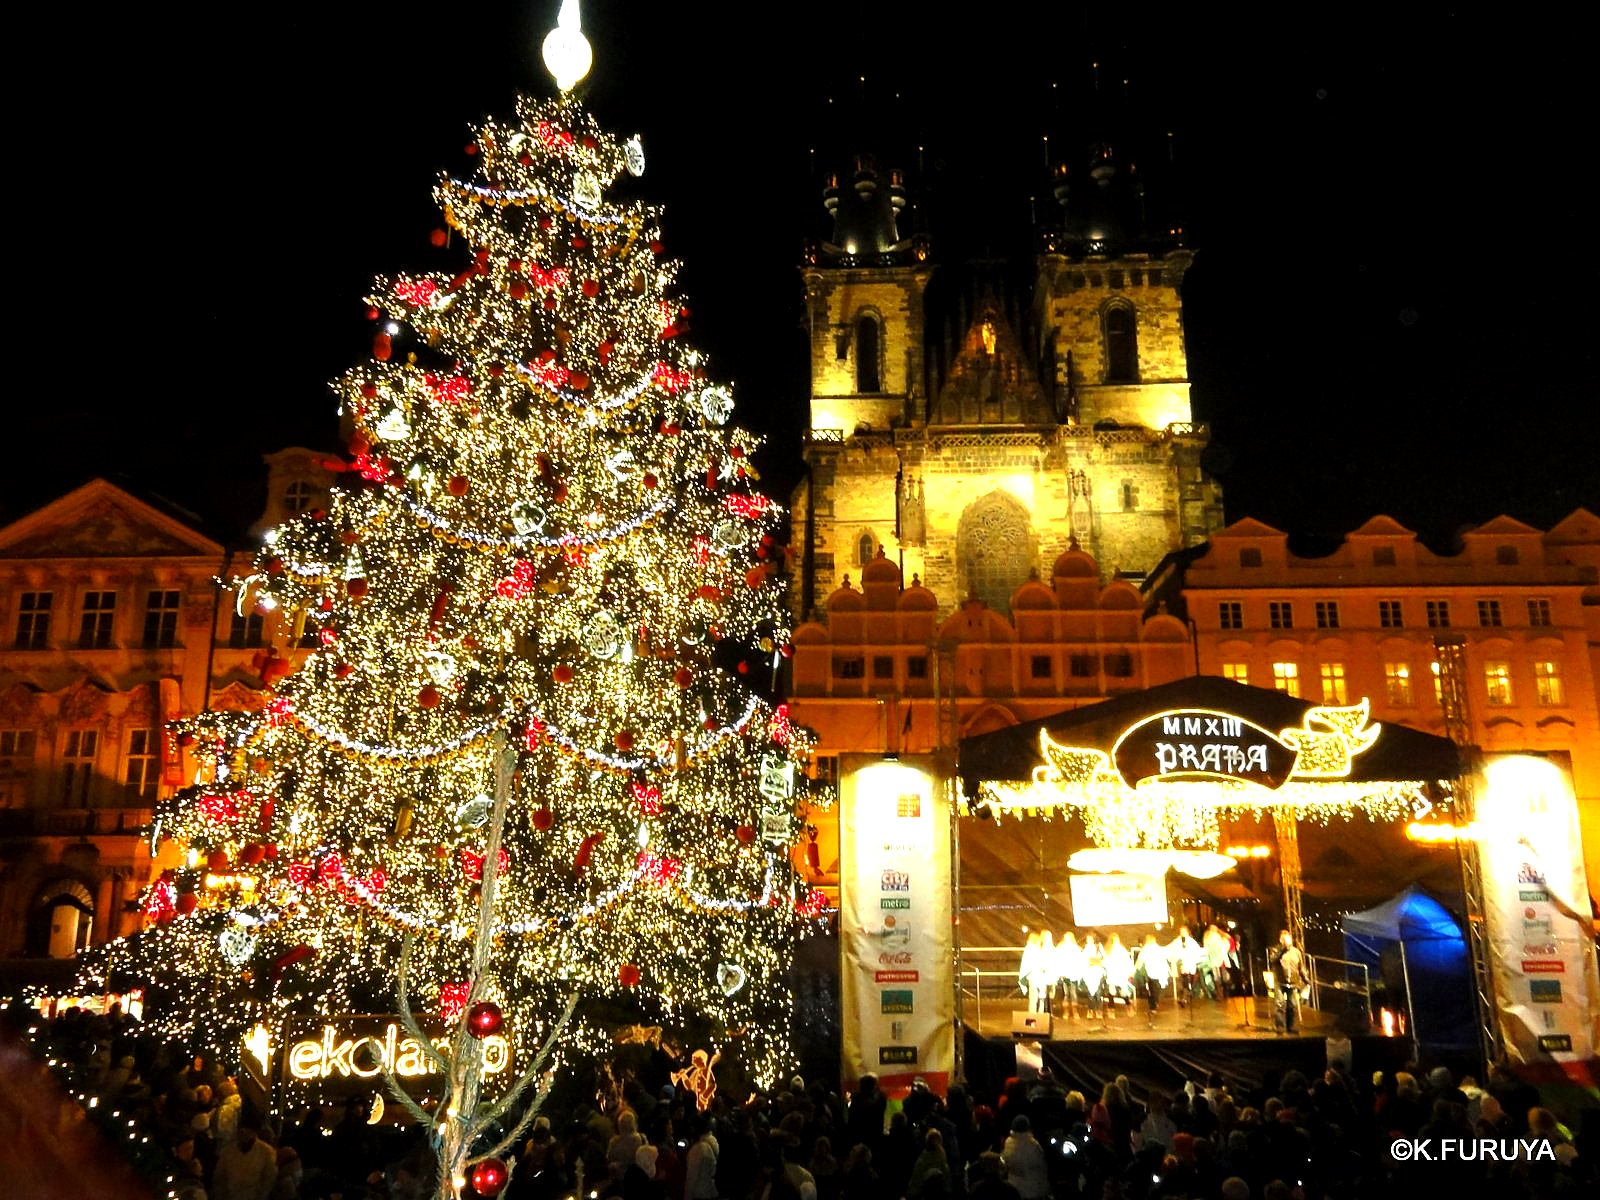 プラハ 14 旧市街広場のクリスマスマーケット_a0092659_22151791.jpg